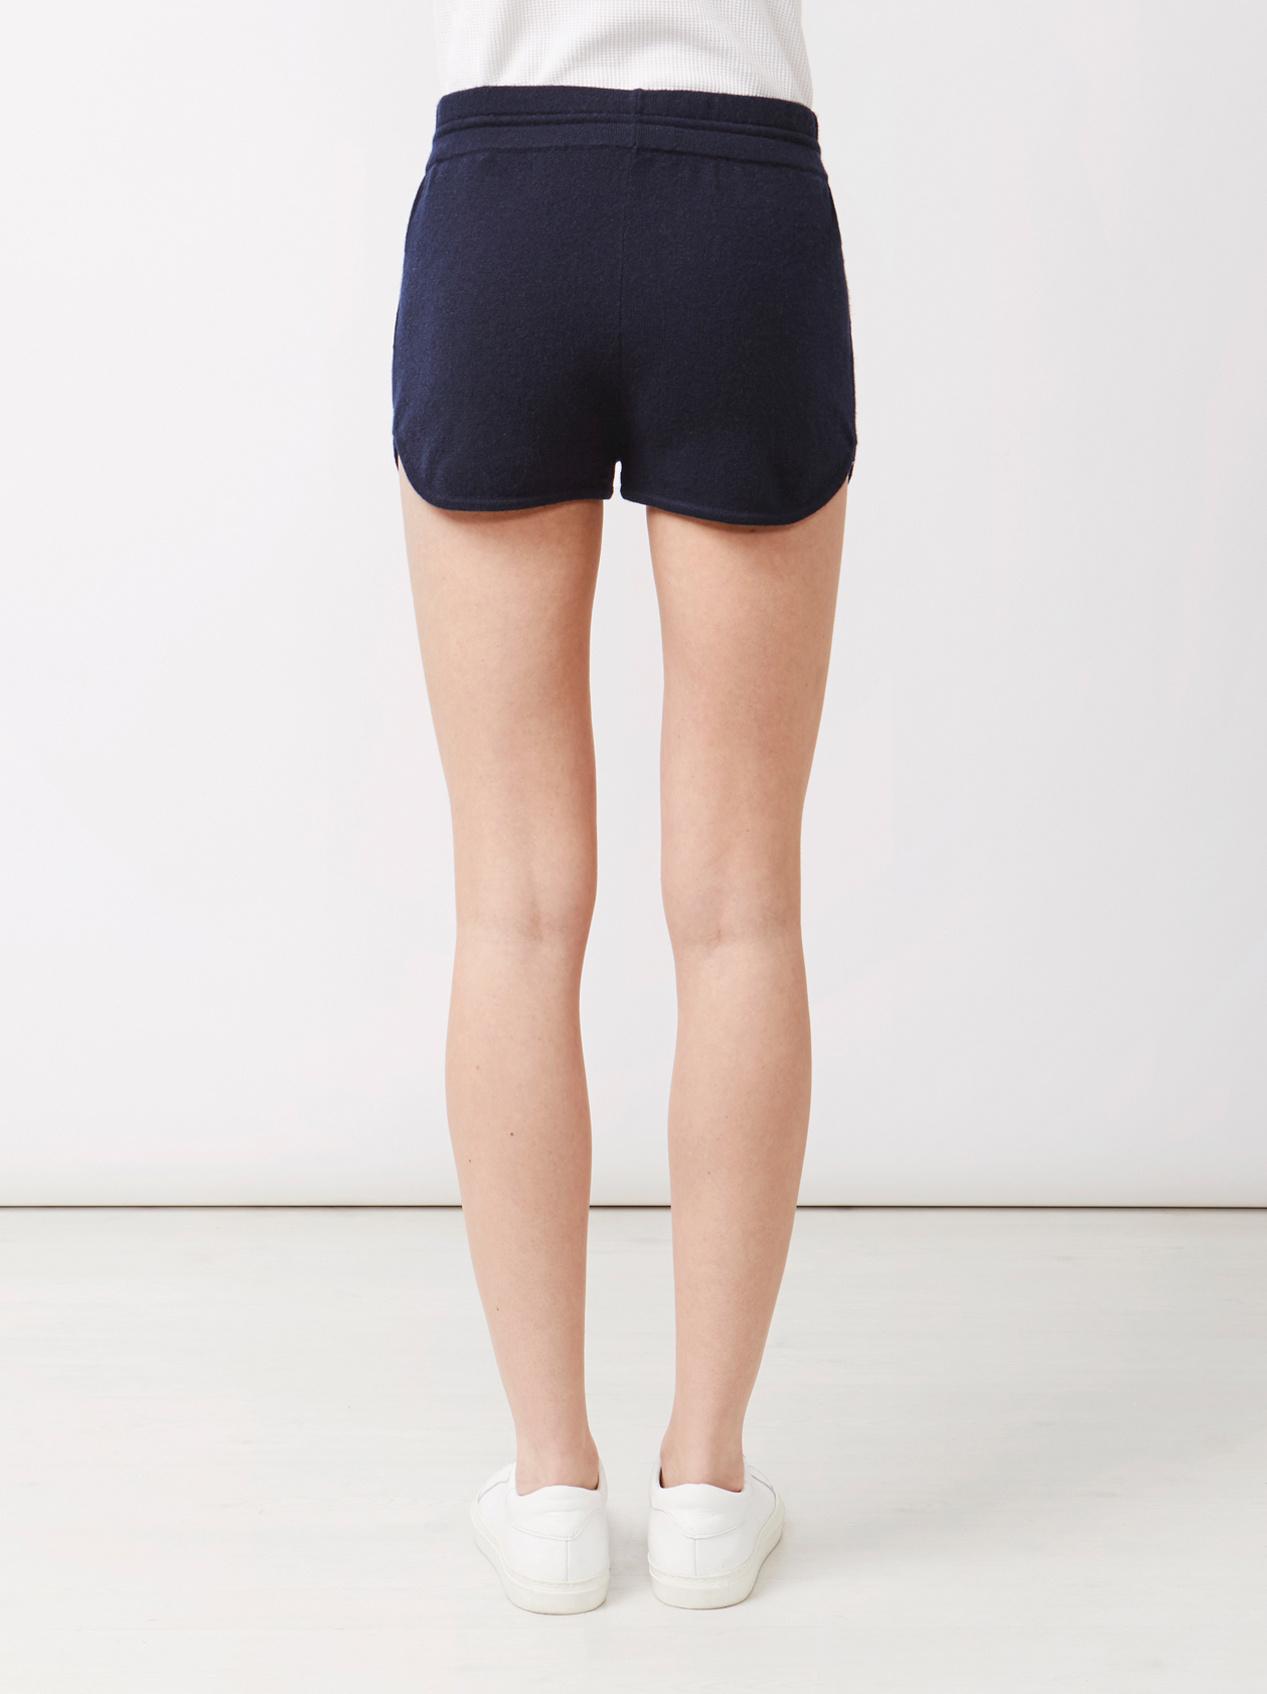 Soft Goat Women's Shorts Navy